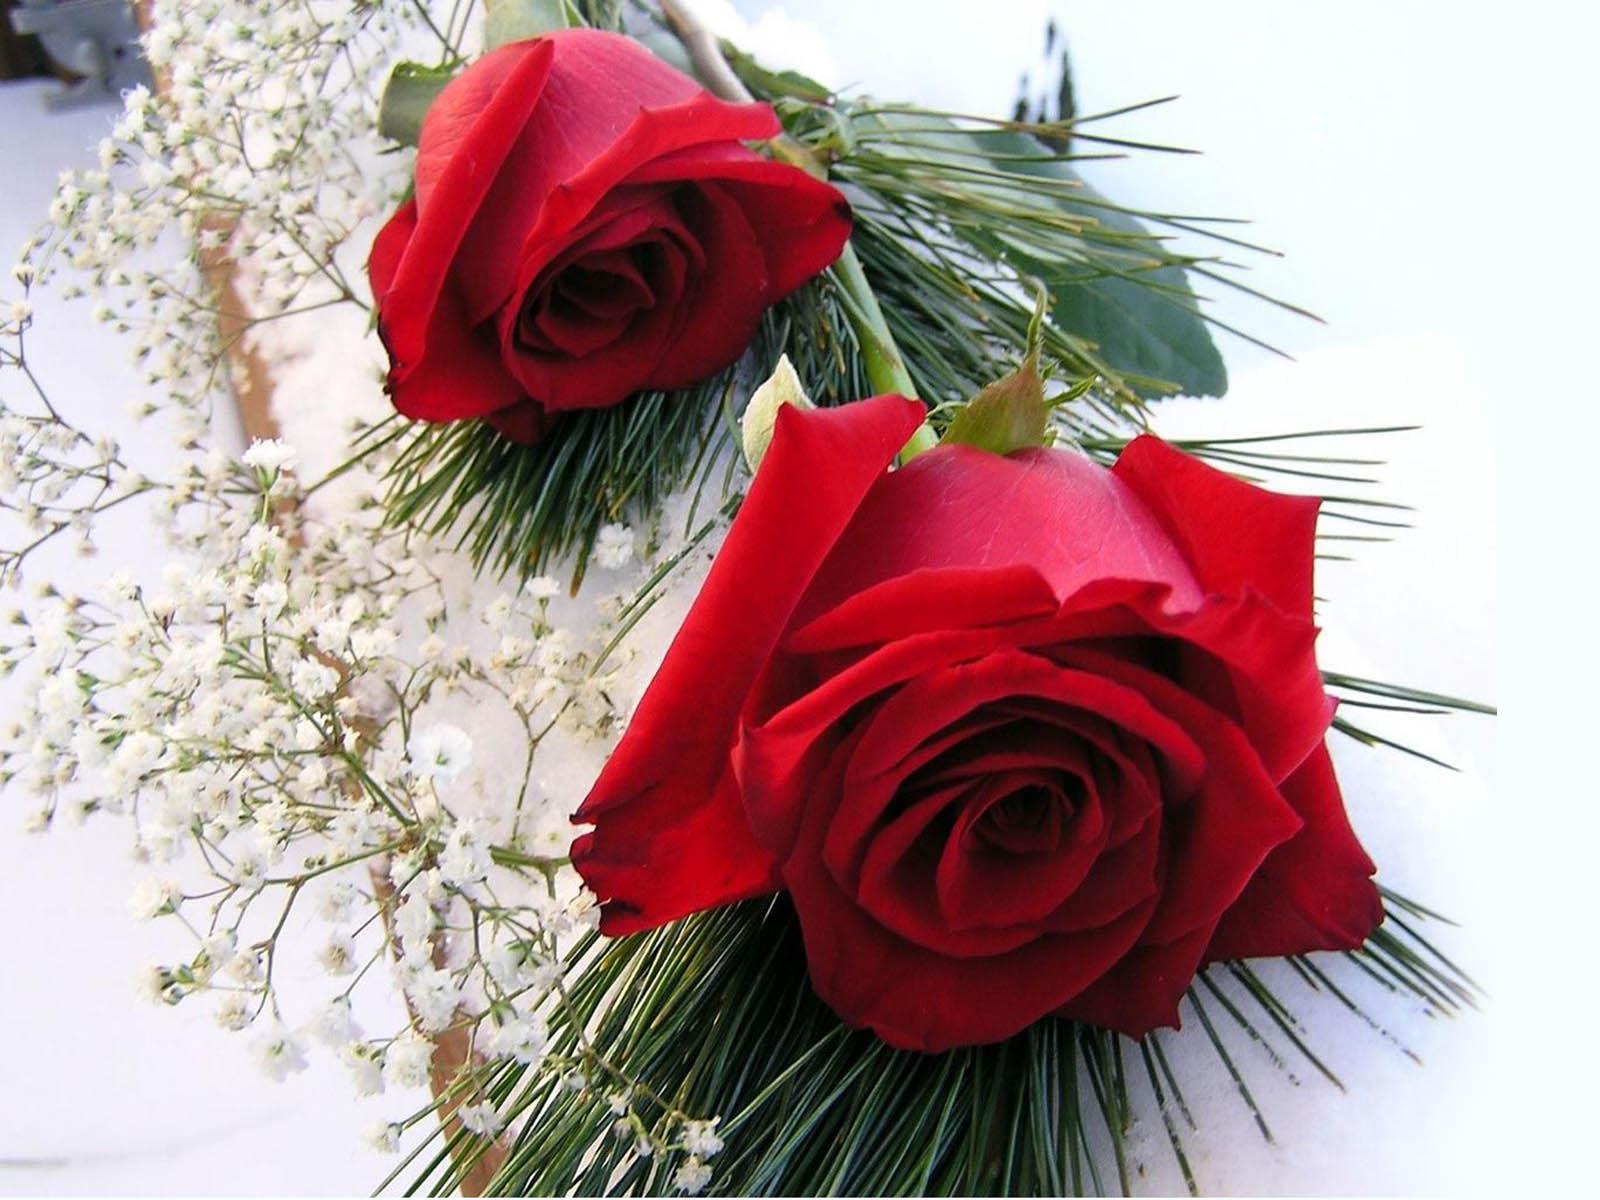 red rose desktop background -#main